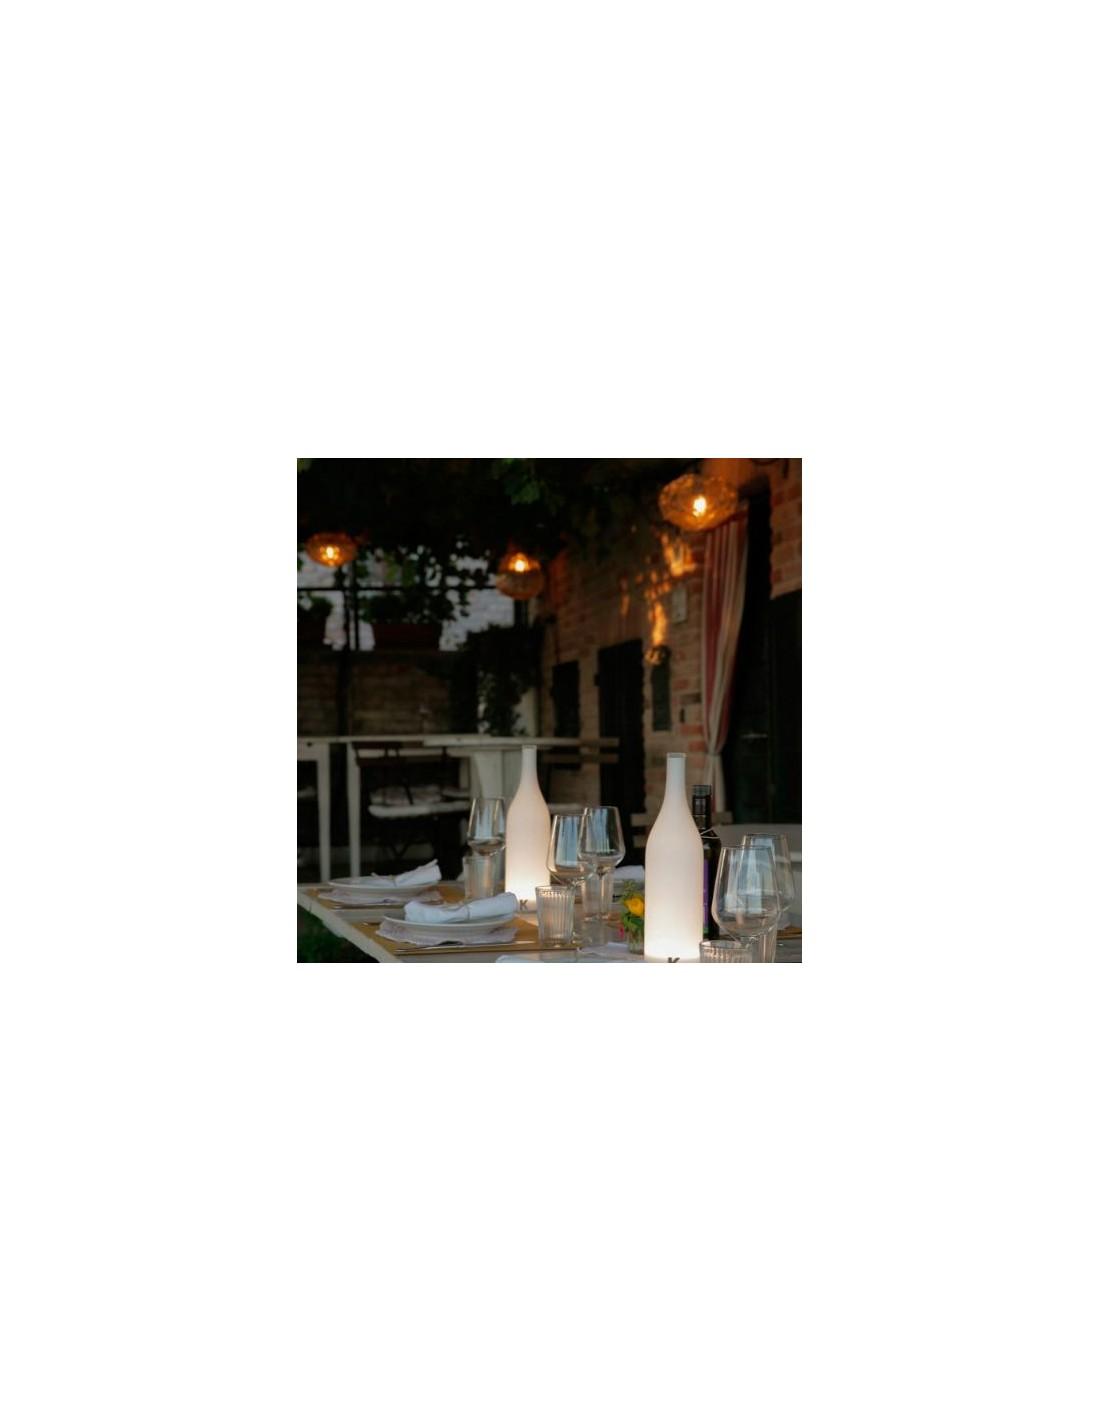 lampe poser sans fil bacco ambiance table restaurant de. Black Bedroom Furniture Sets. Home Design Ideas